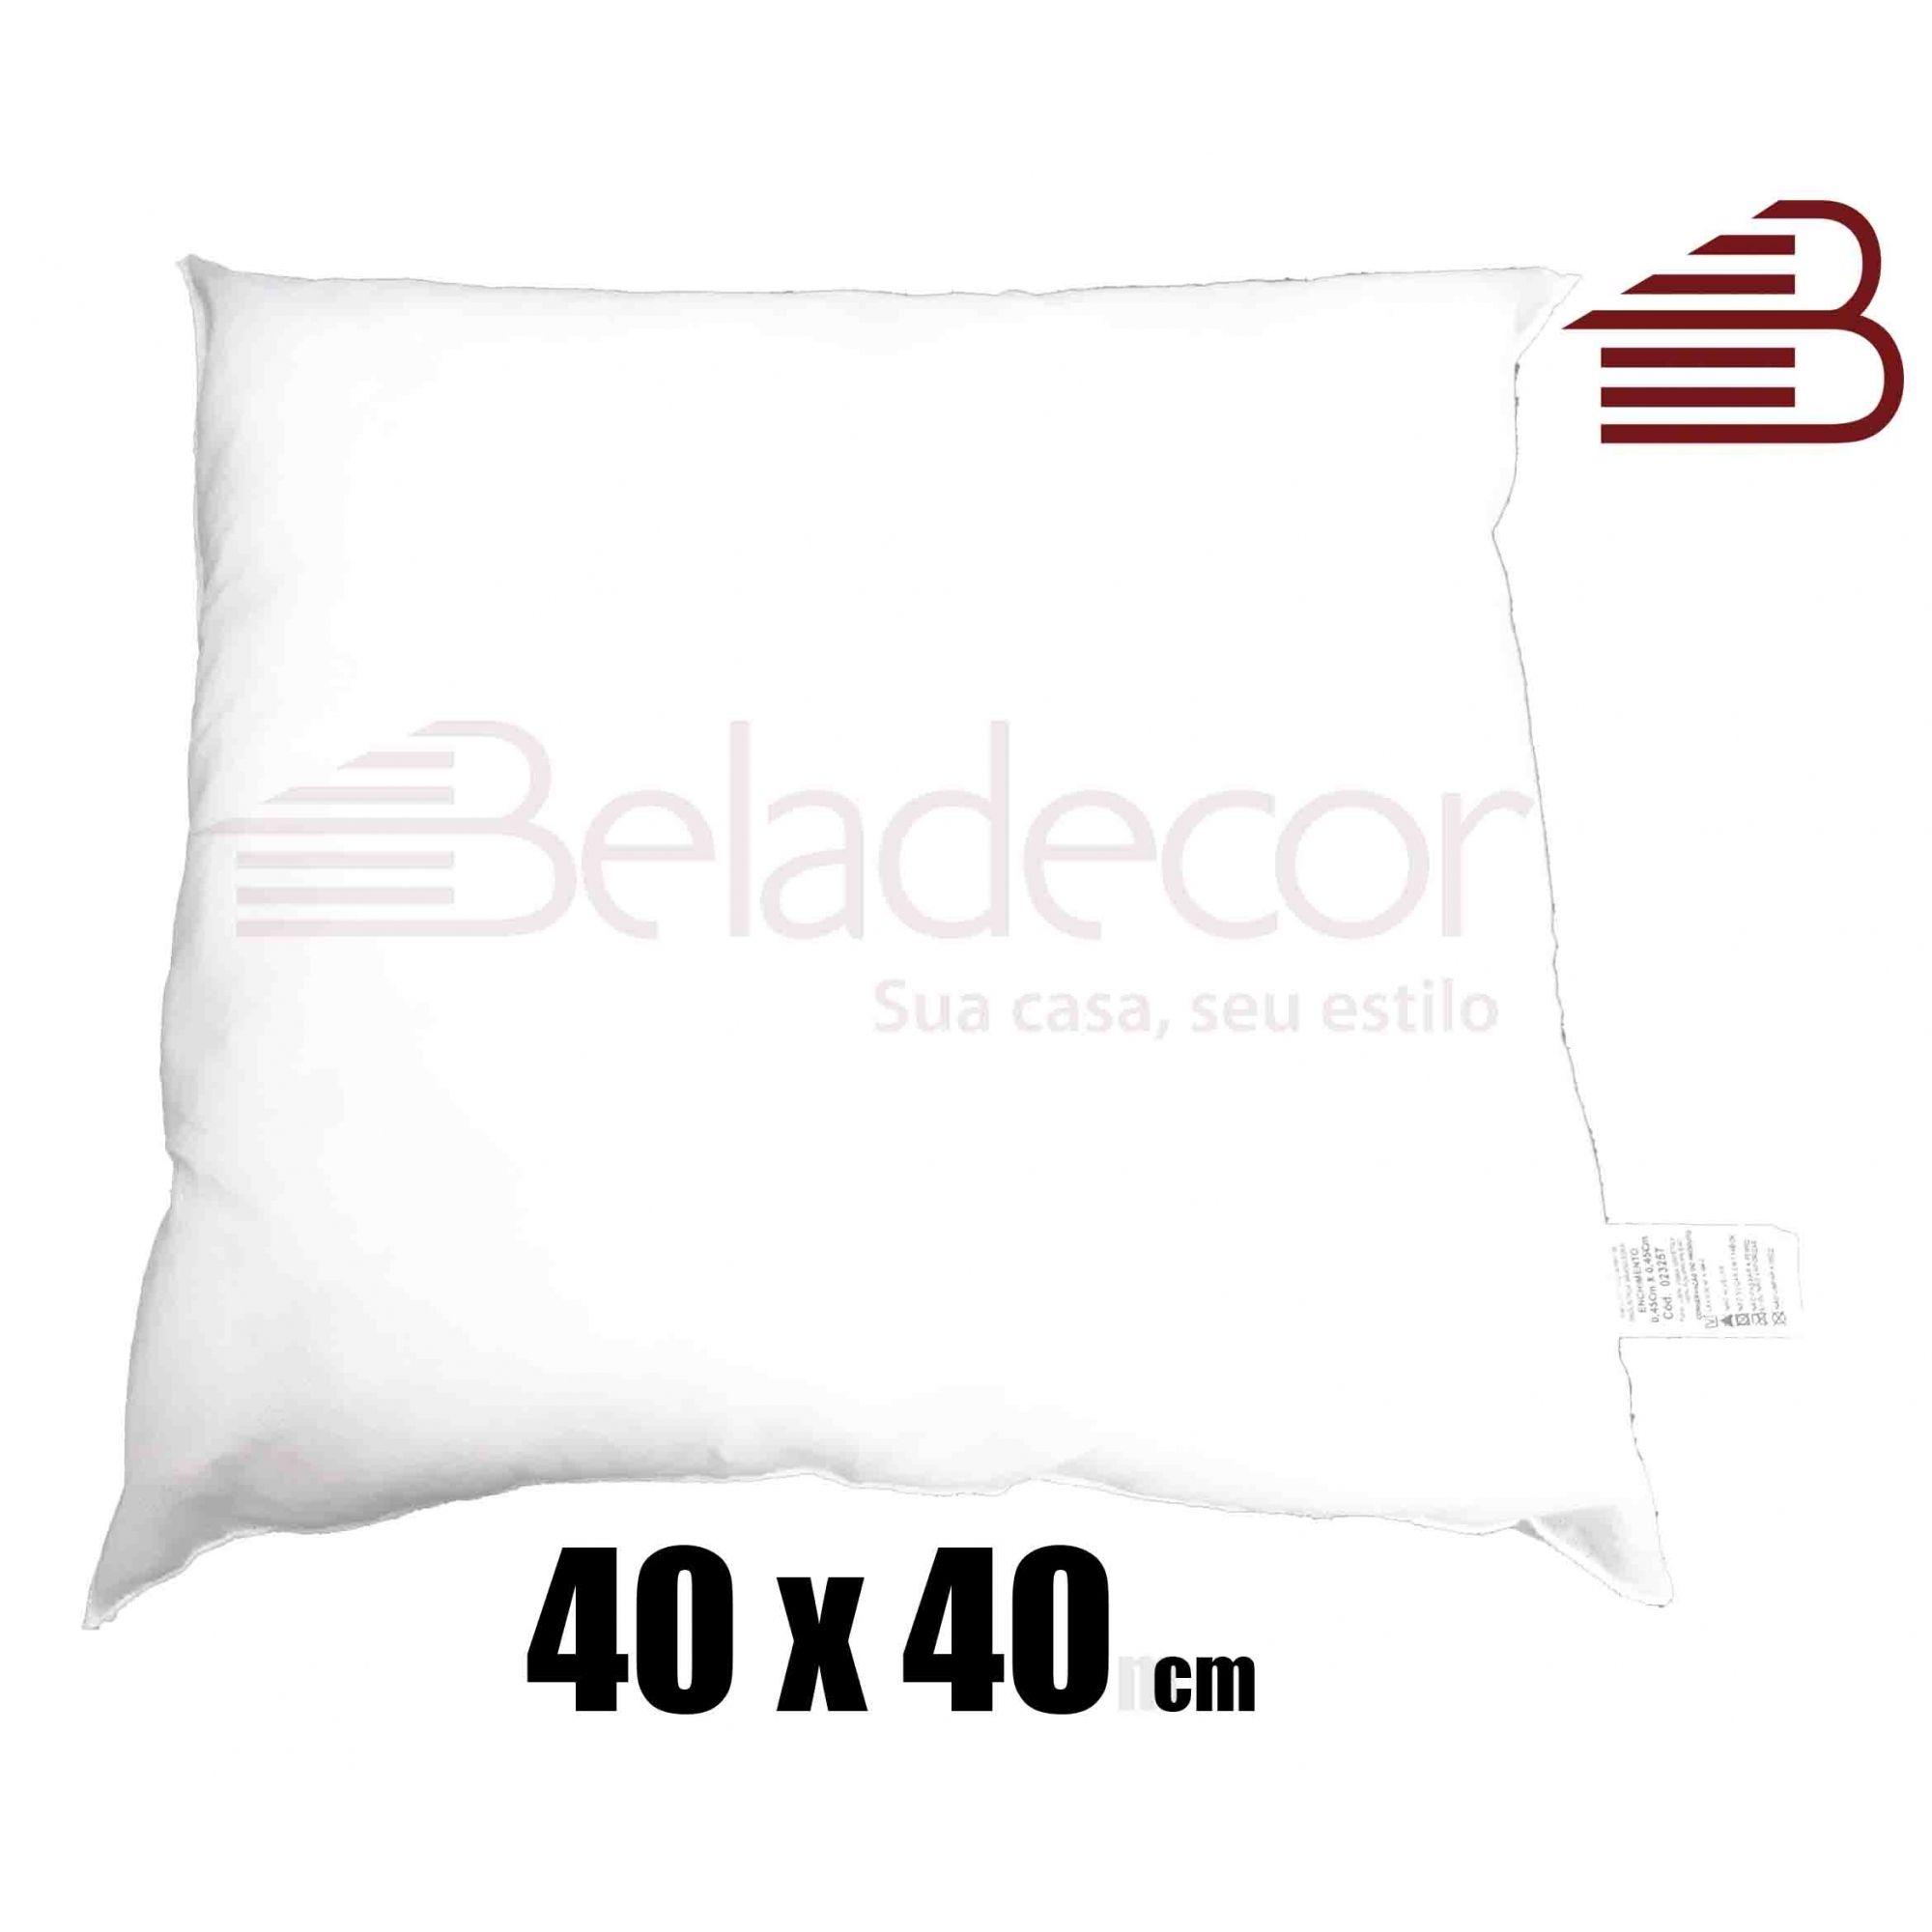 ENCHIMENTO DE ALMOFADA BELADECOR 40CM X 40CM